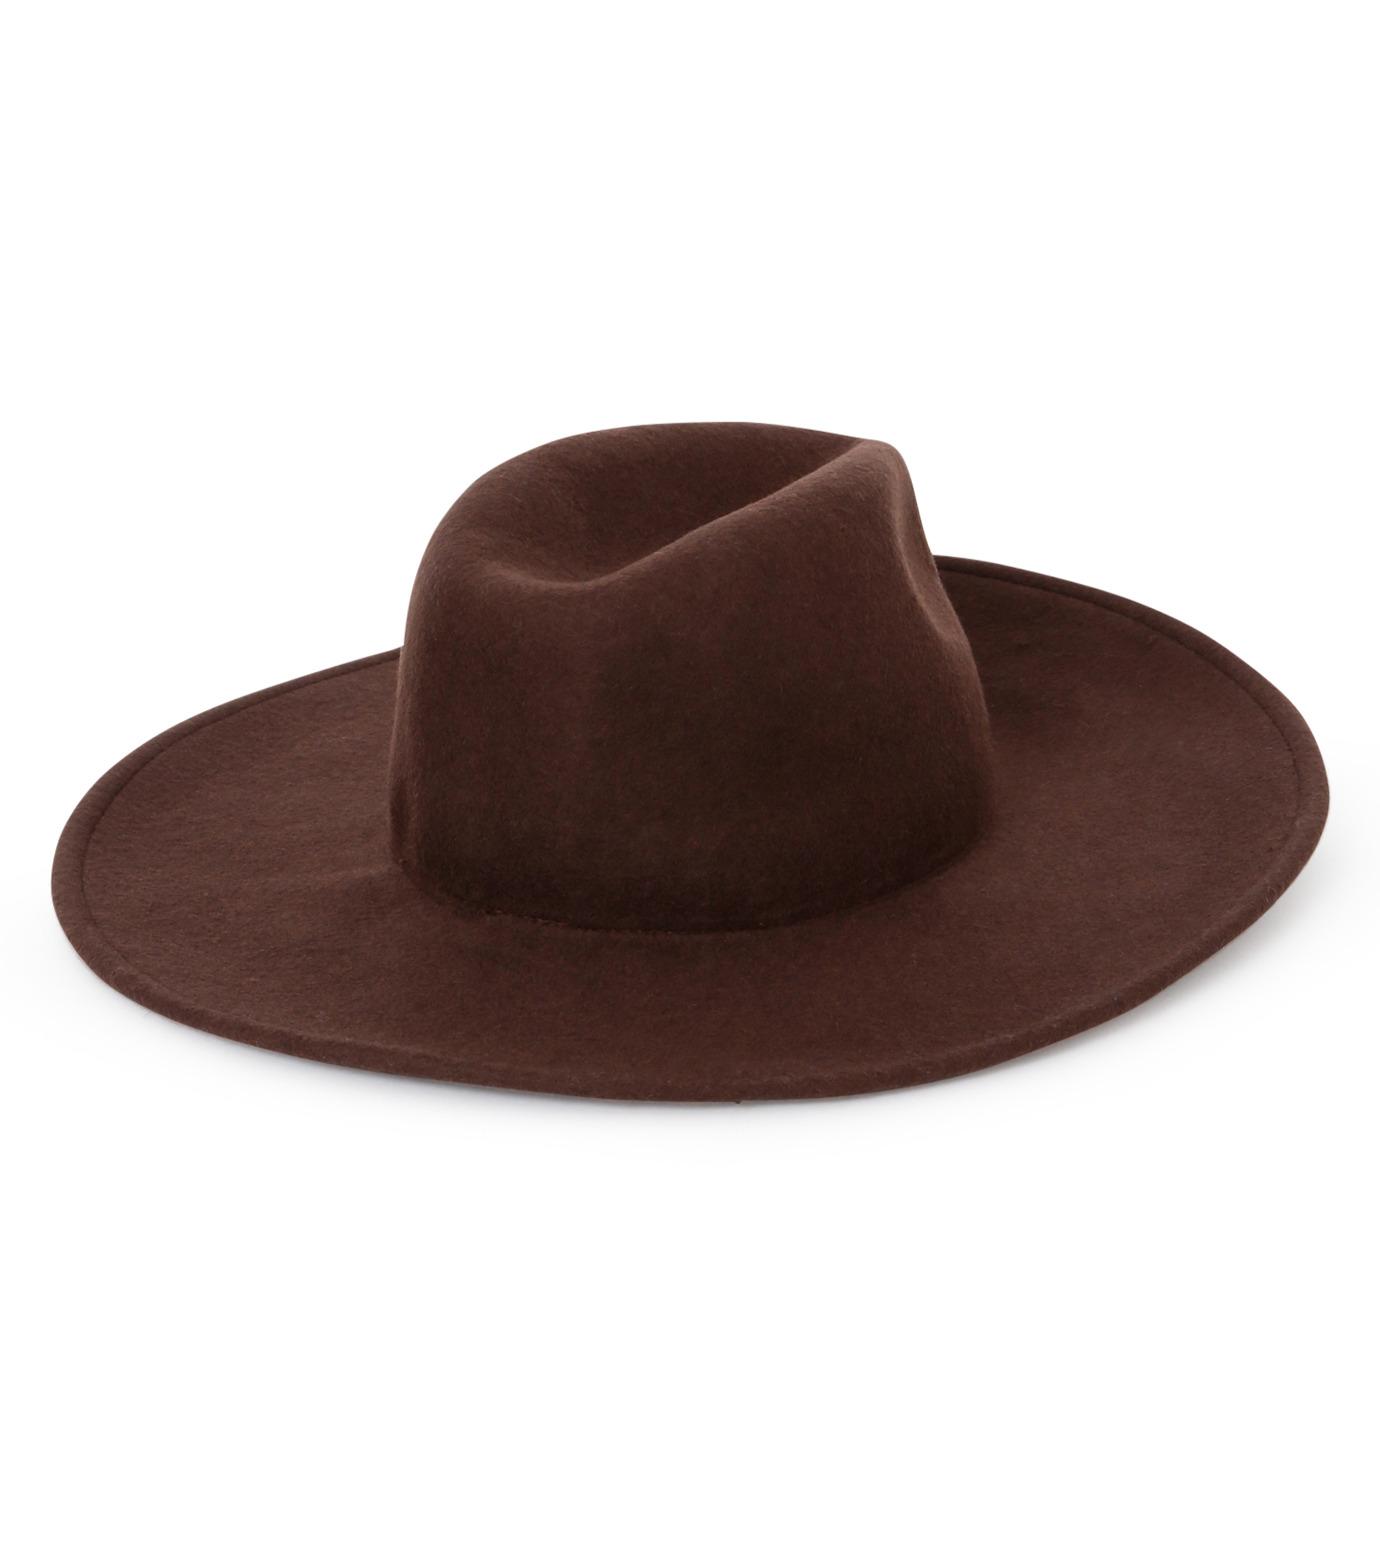 Casselini(キャセリーニ)のWool Hat-BROWN(キャップ/cap)-27-0991-42 拡大詳細画像2